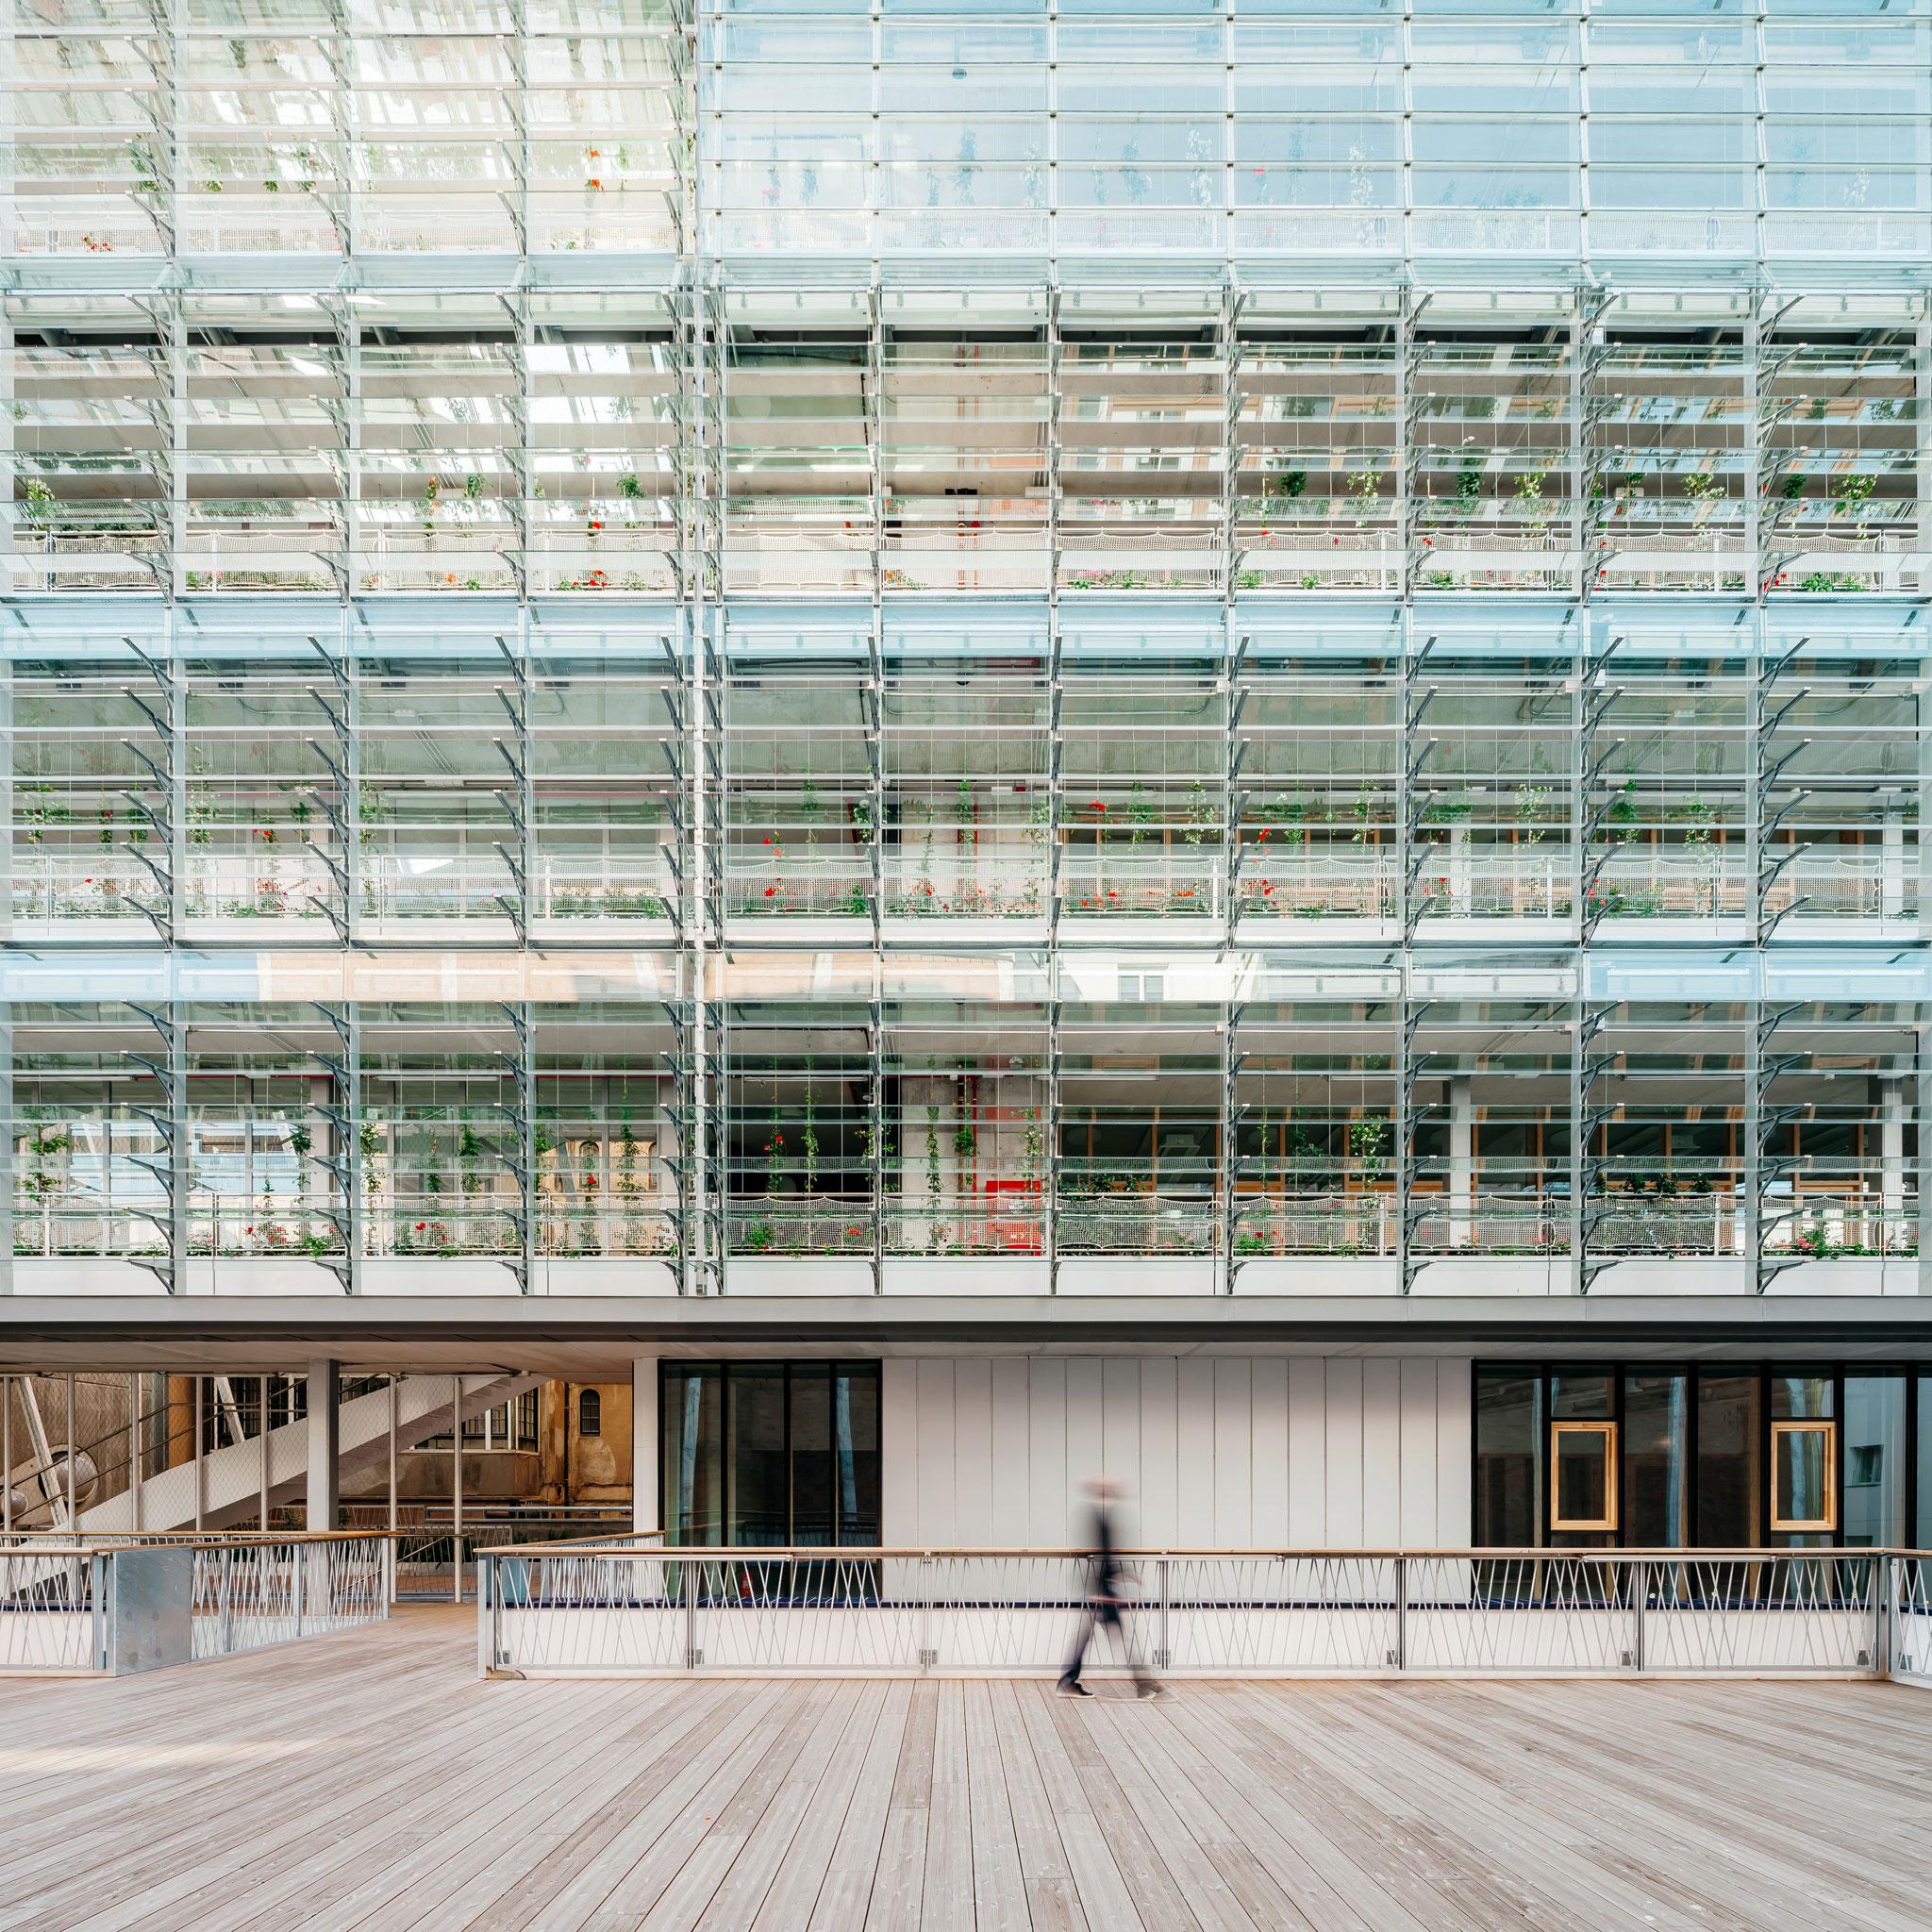 Facade. Vil·la Urània, complejo de equipamientos NZEB por SUMO Arquitectes + Yolanda Olmo. Fotografía por Aitor Estévez